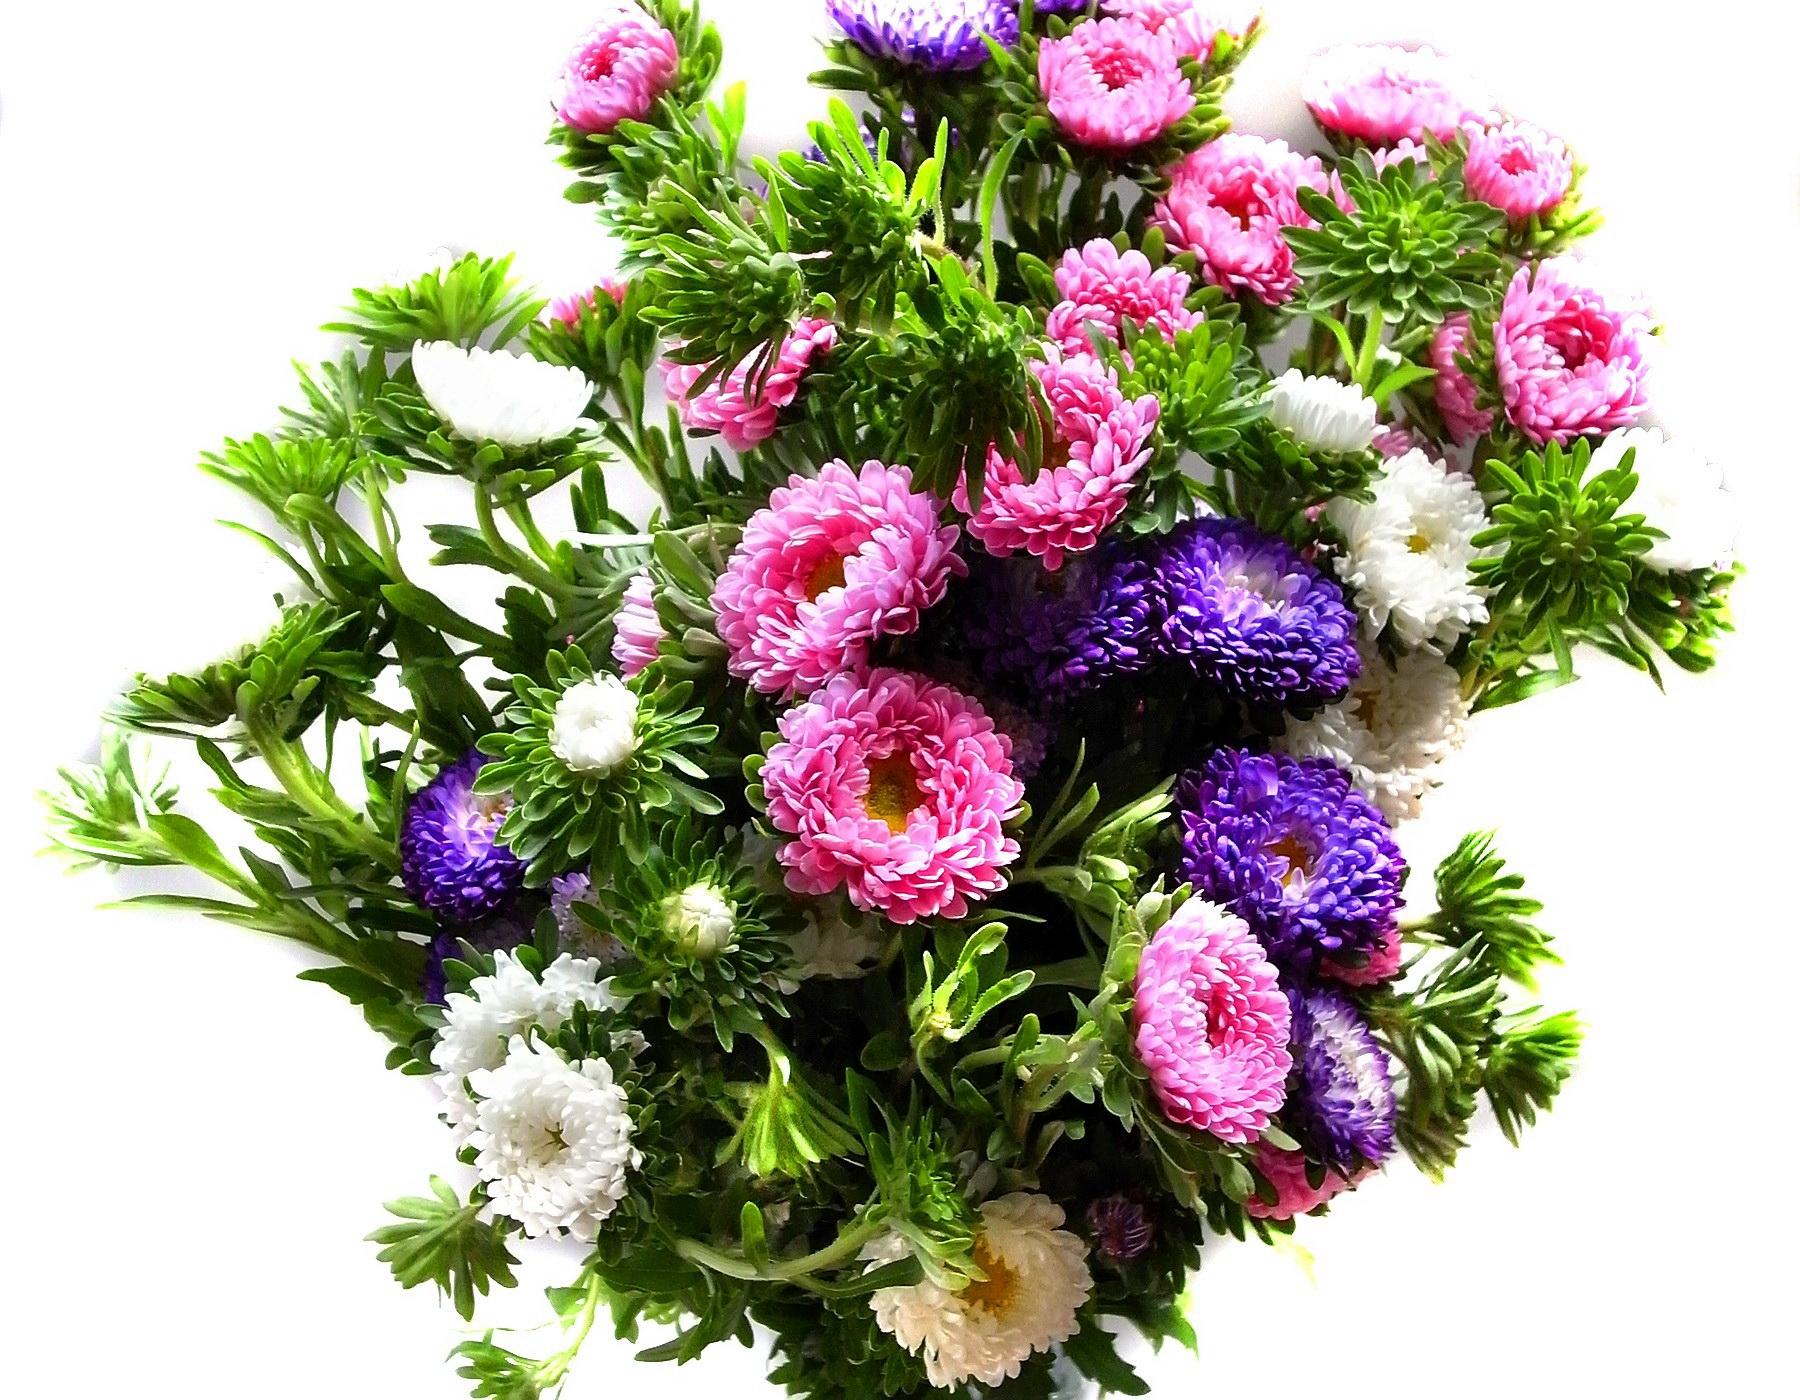 140611 скачать обои Цветы, Букет, Яркий, Красочный, Разноцветный, Хризантемы - заставки и картинки бесплатно